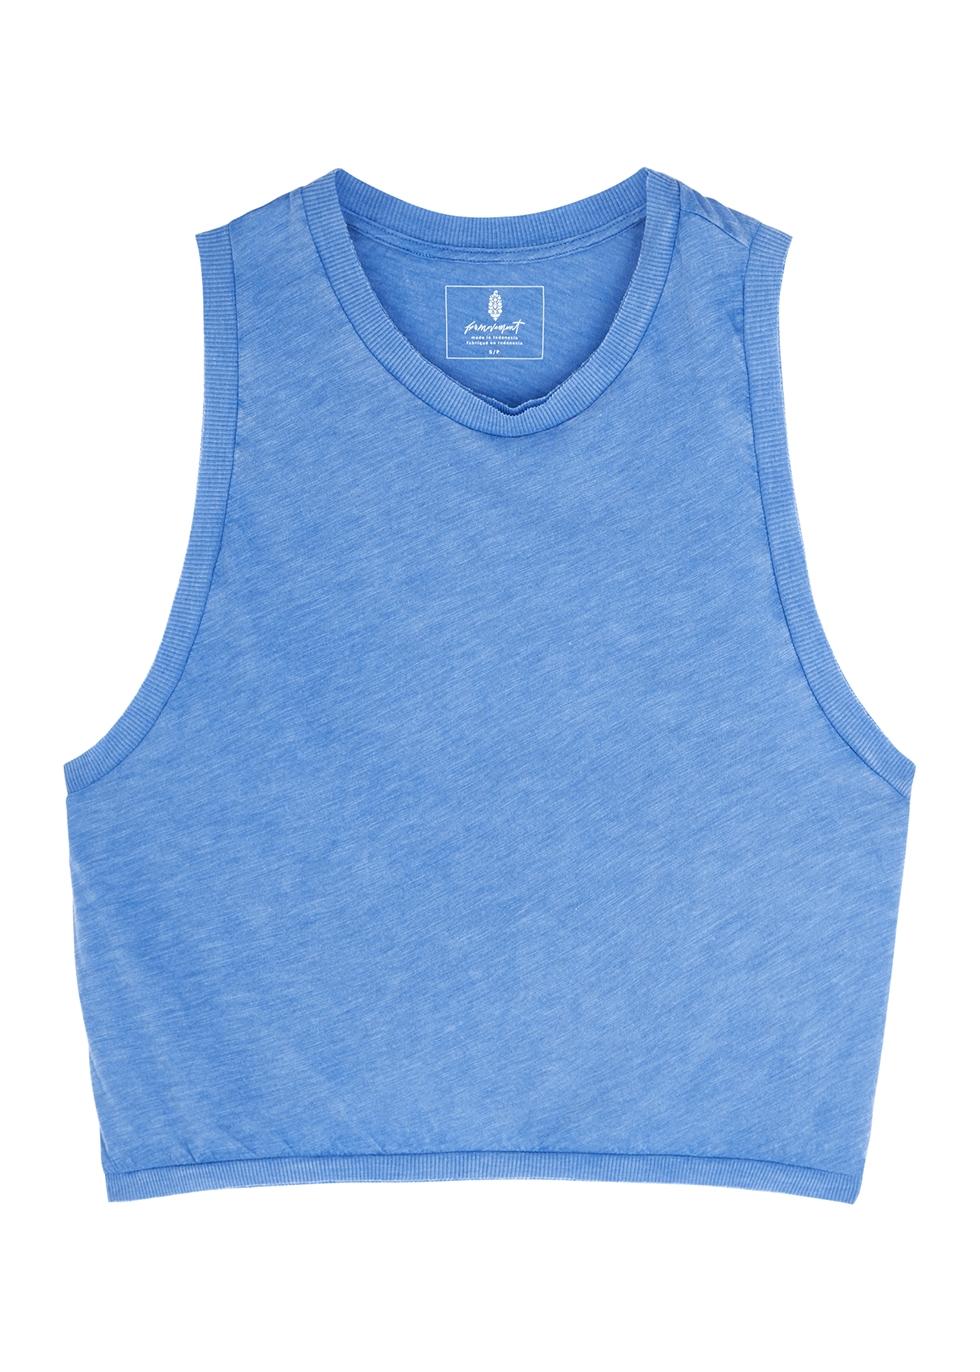 T Love blue slubbed jersey tank